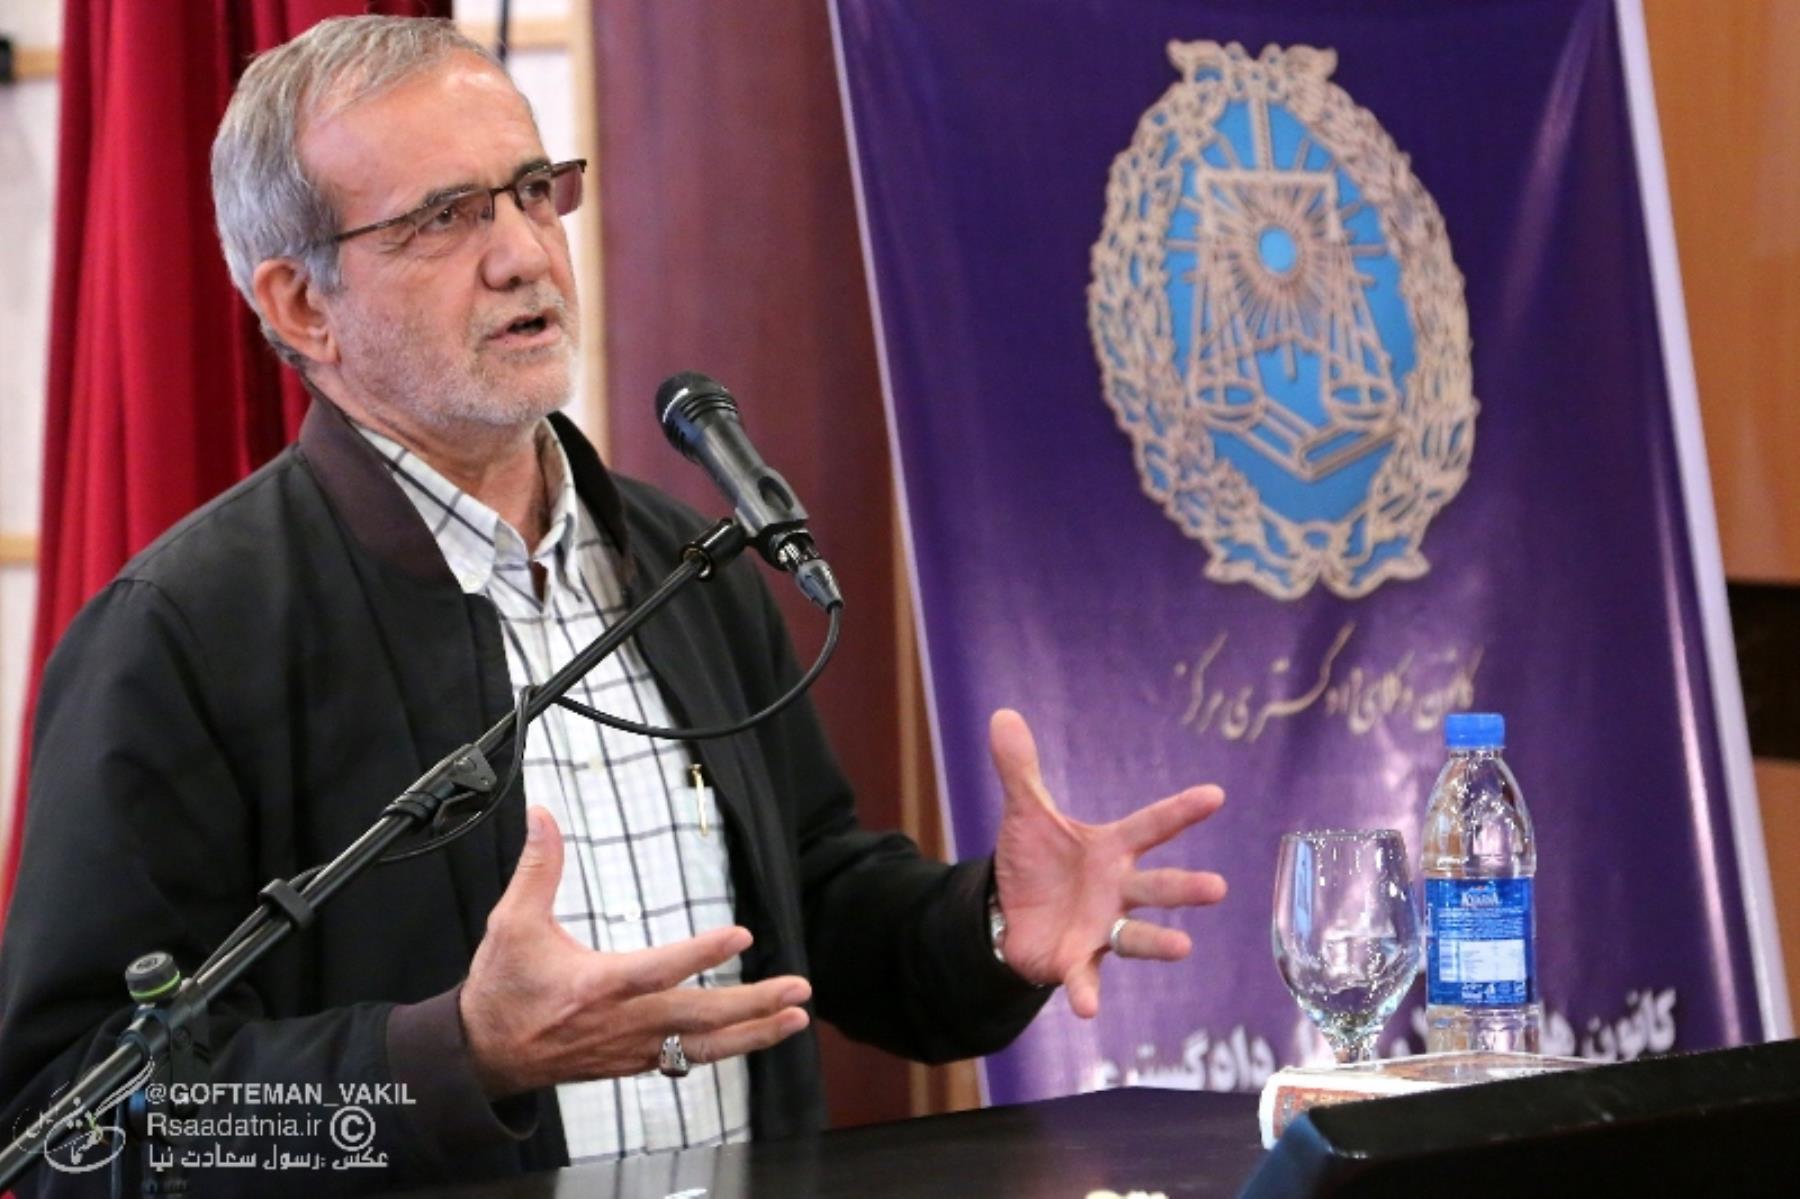 مسعود پزشکیان نائب رئیس مجلس شورای اسلامی